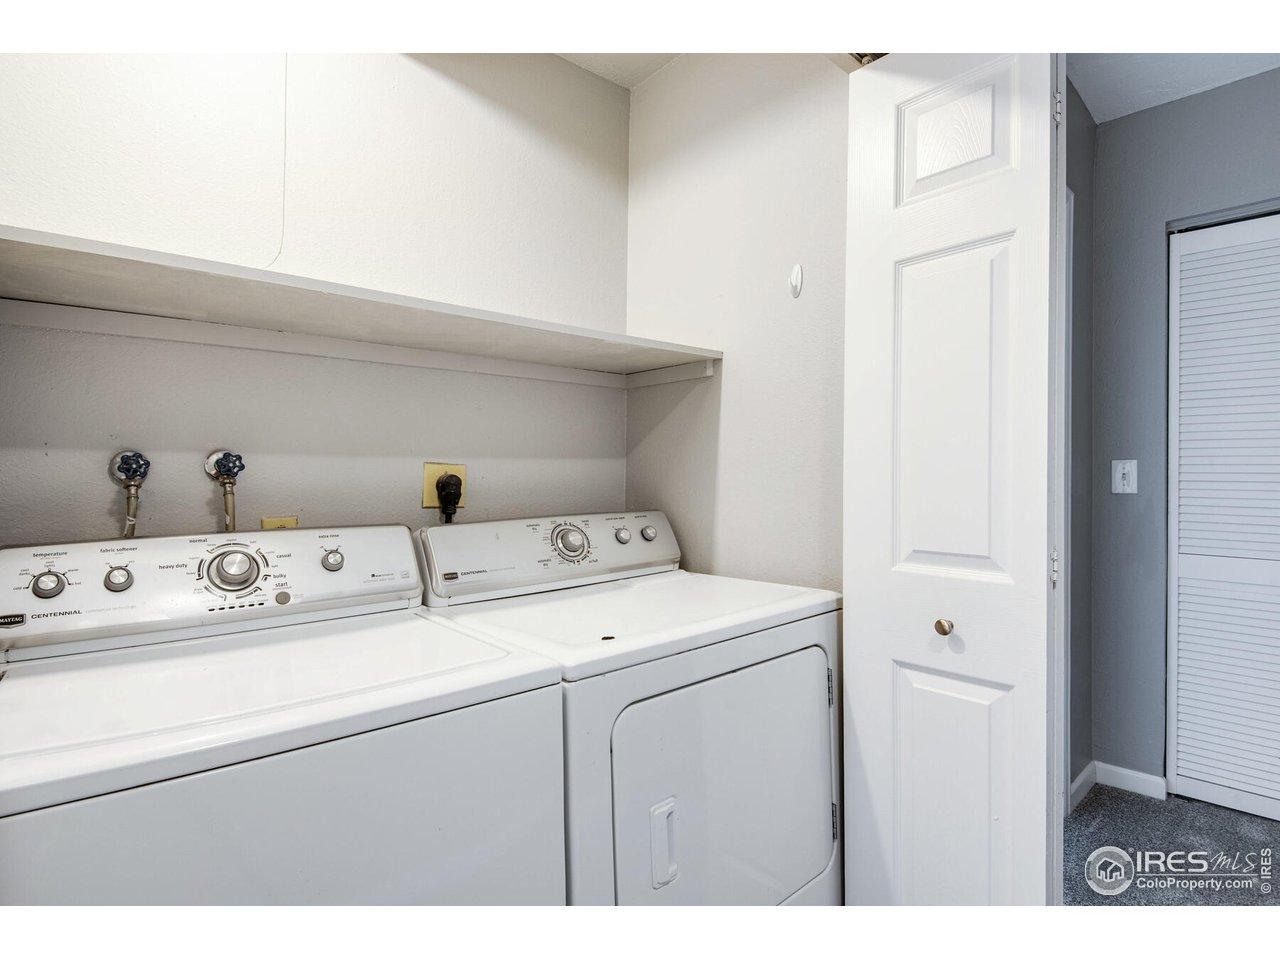 Washer/Dryer Upstairs